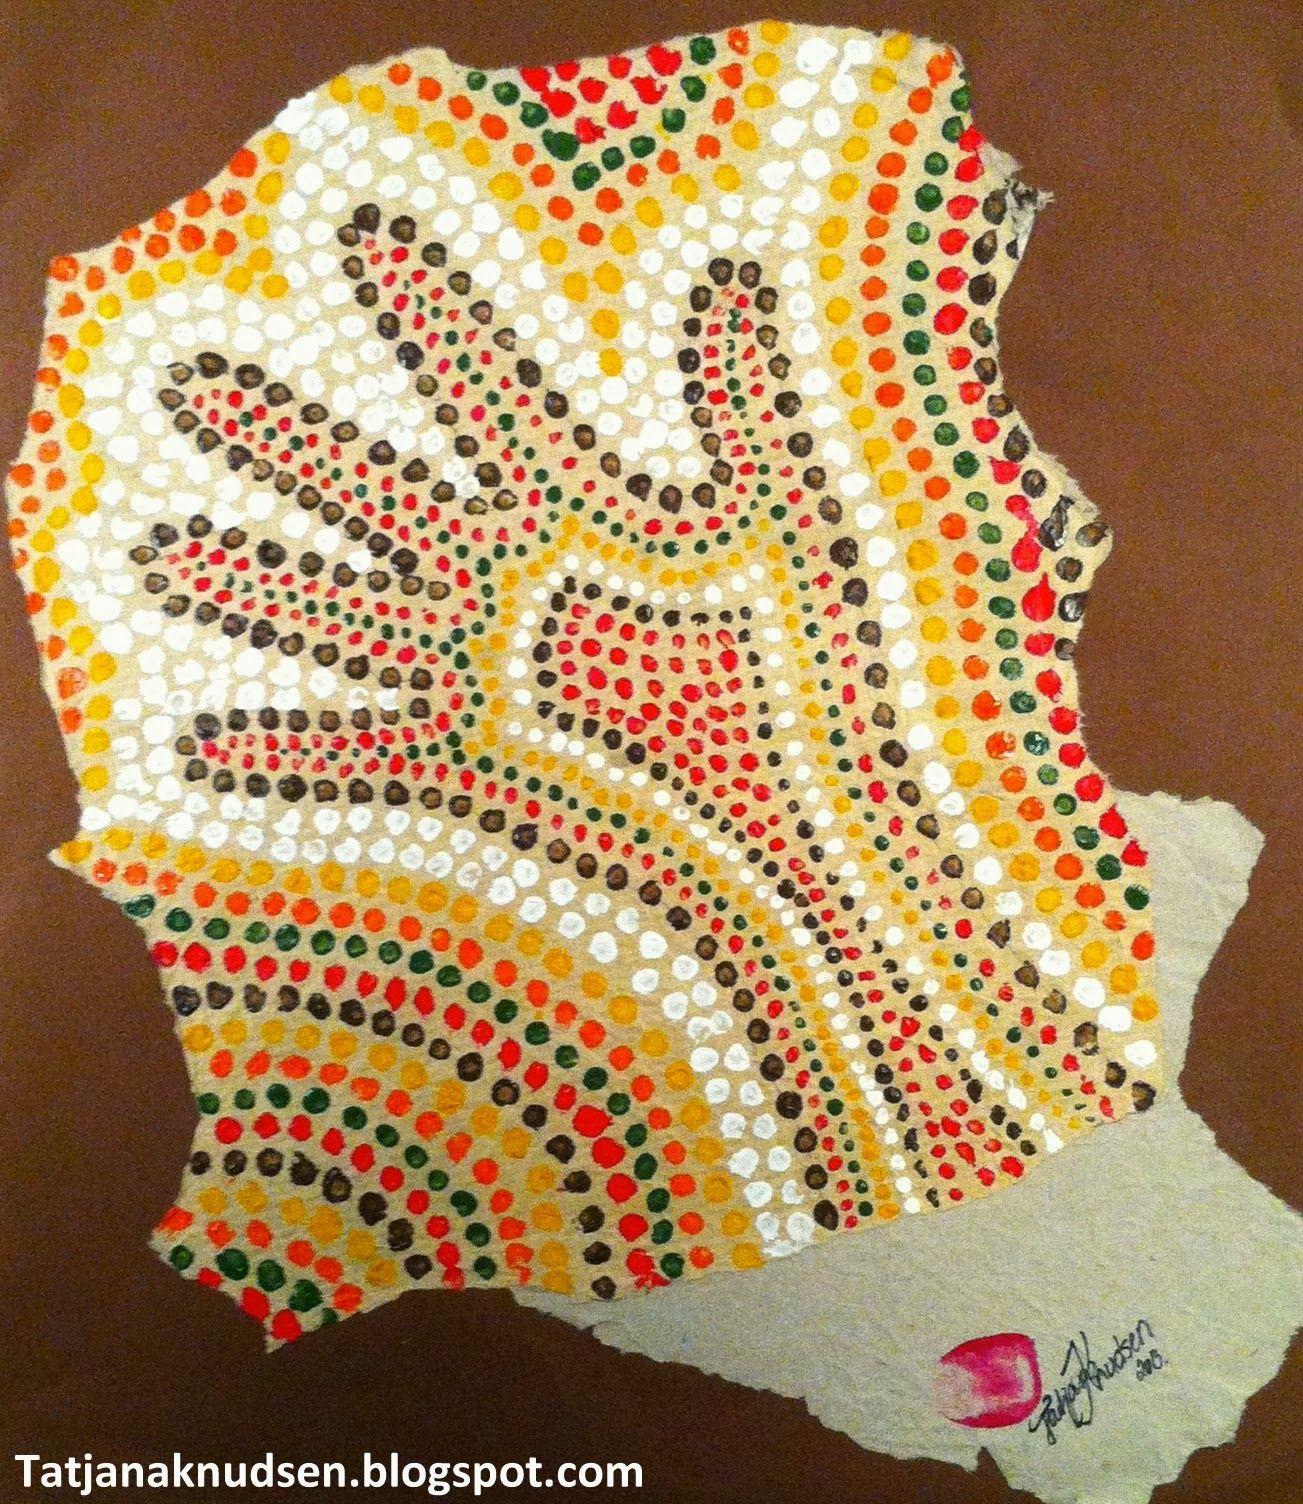 Kan Aboriginal Kunst V Kke Elevernes Opm Rksomhed